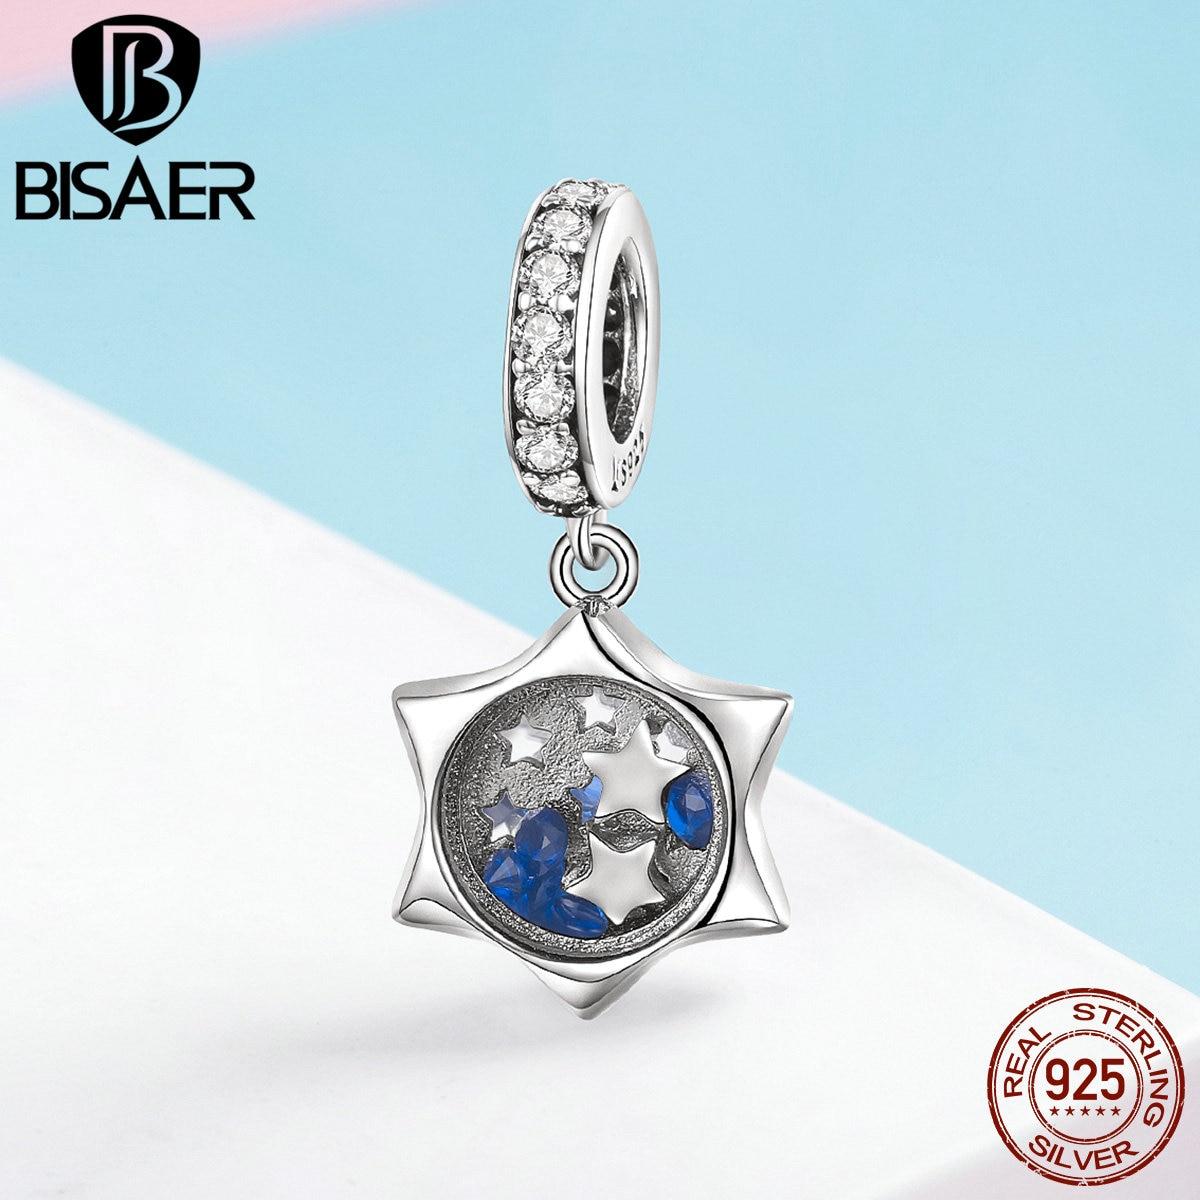 BISAER Plata de Ley 925 auténtica estrella floreciente claro CZ pulseras de dijes con encaje de cuentas y brazaletes plata 925 fabricación de joyas ECC1083